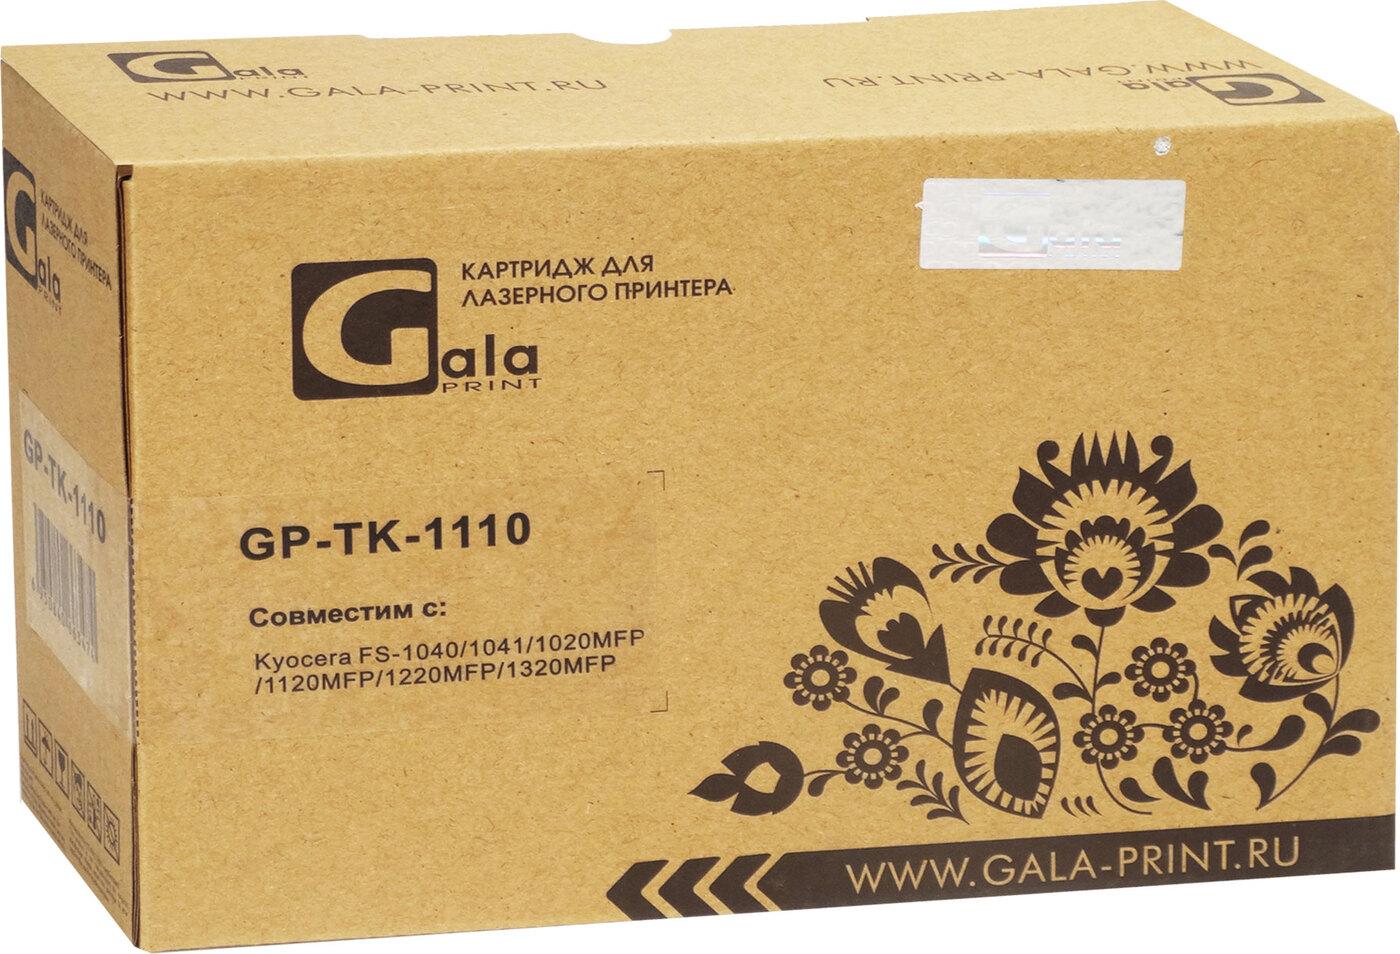 Картридж GalaPrint GP-TK-1110